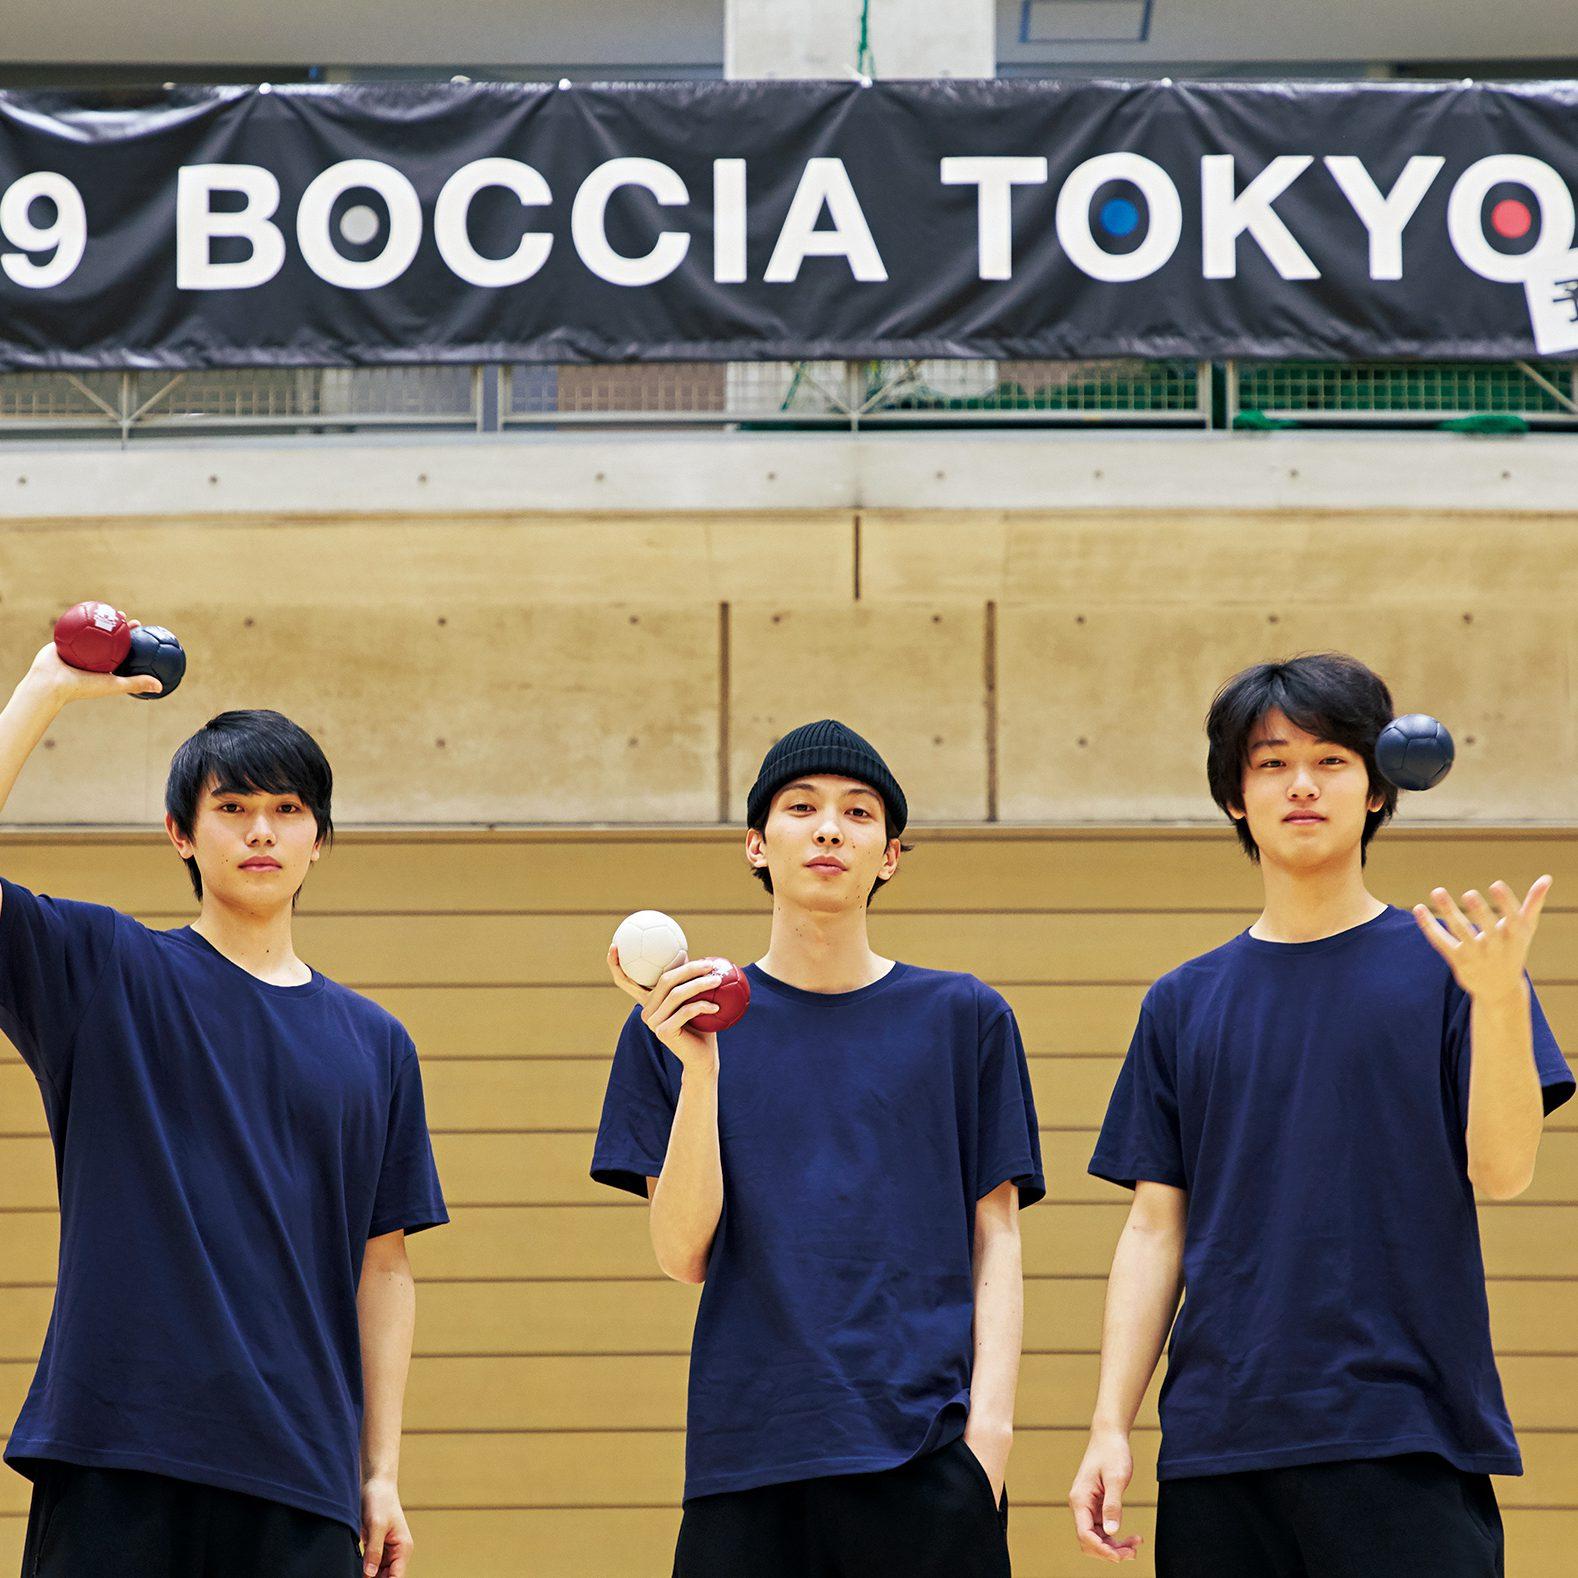 ボッチャ東京カップ2019予選会に出場!  その結果は?